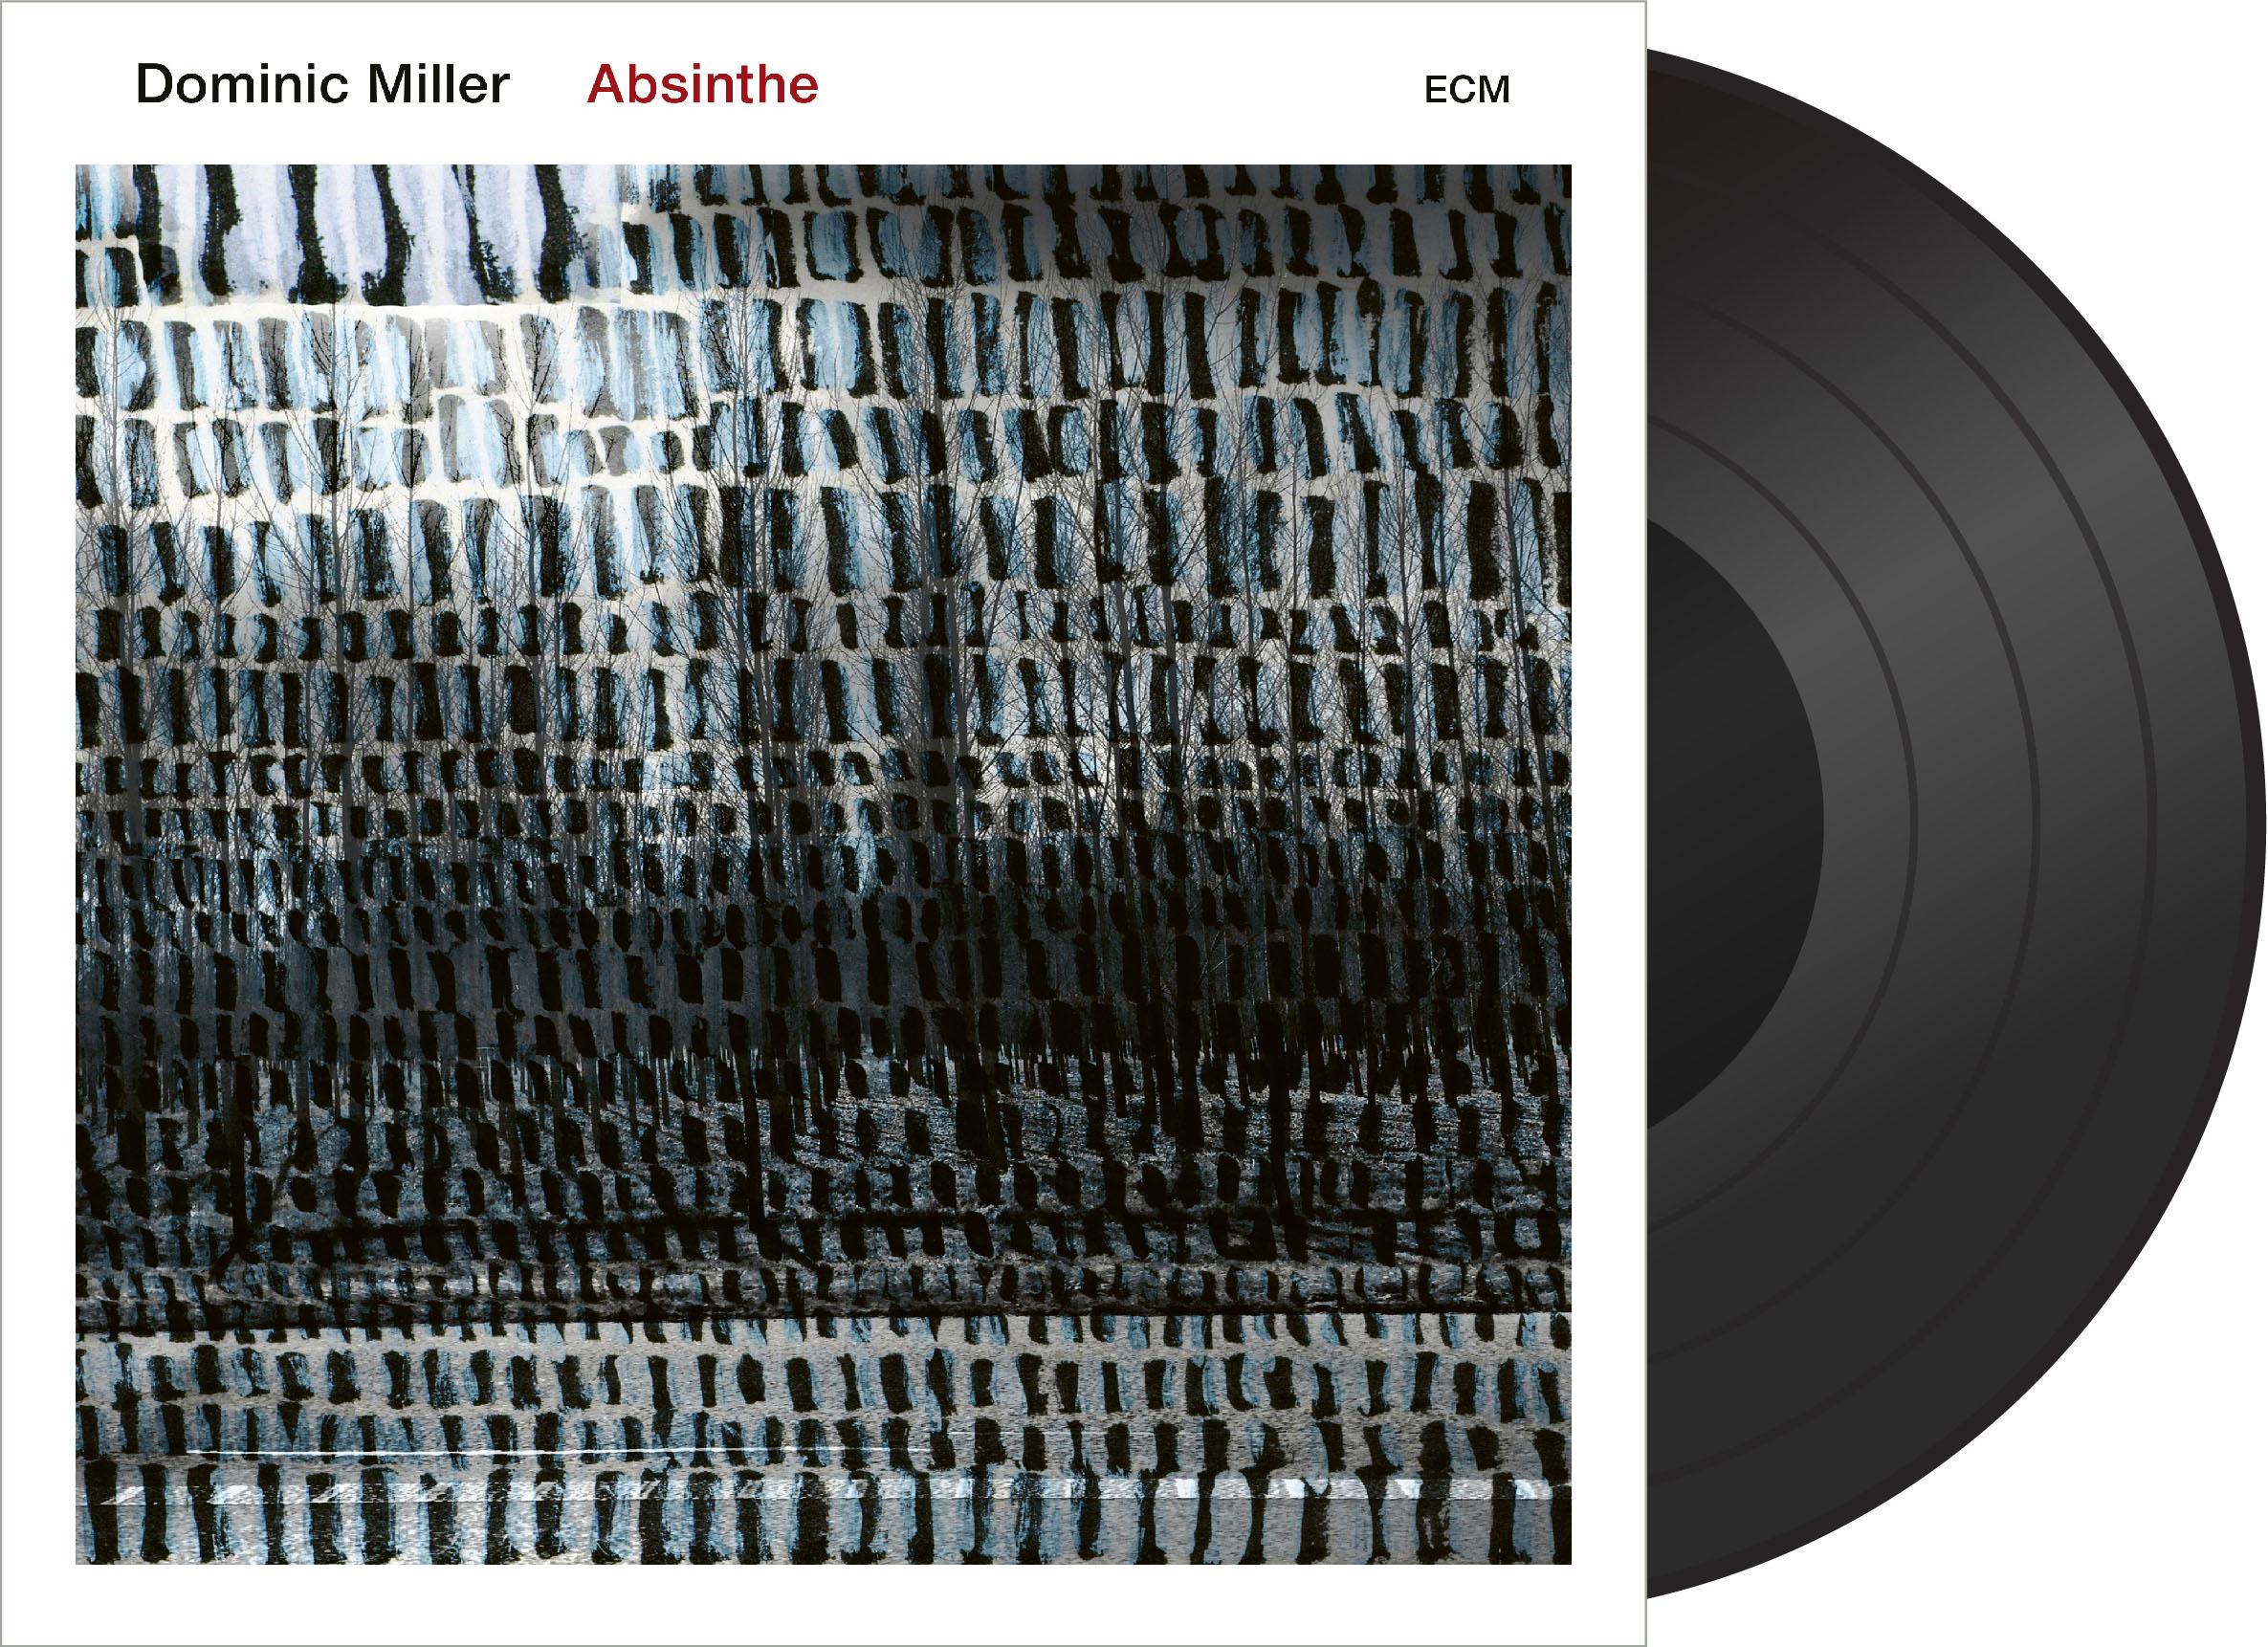 多米尼克.米勒 Dominic Miller: Absinthe (Vinyl LP) 【ECM】 1